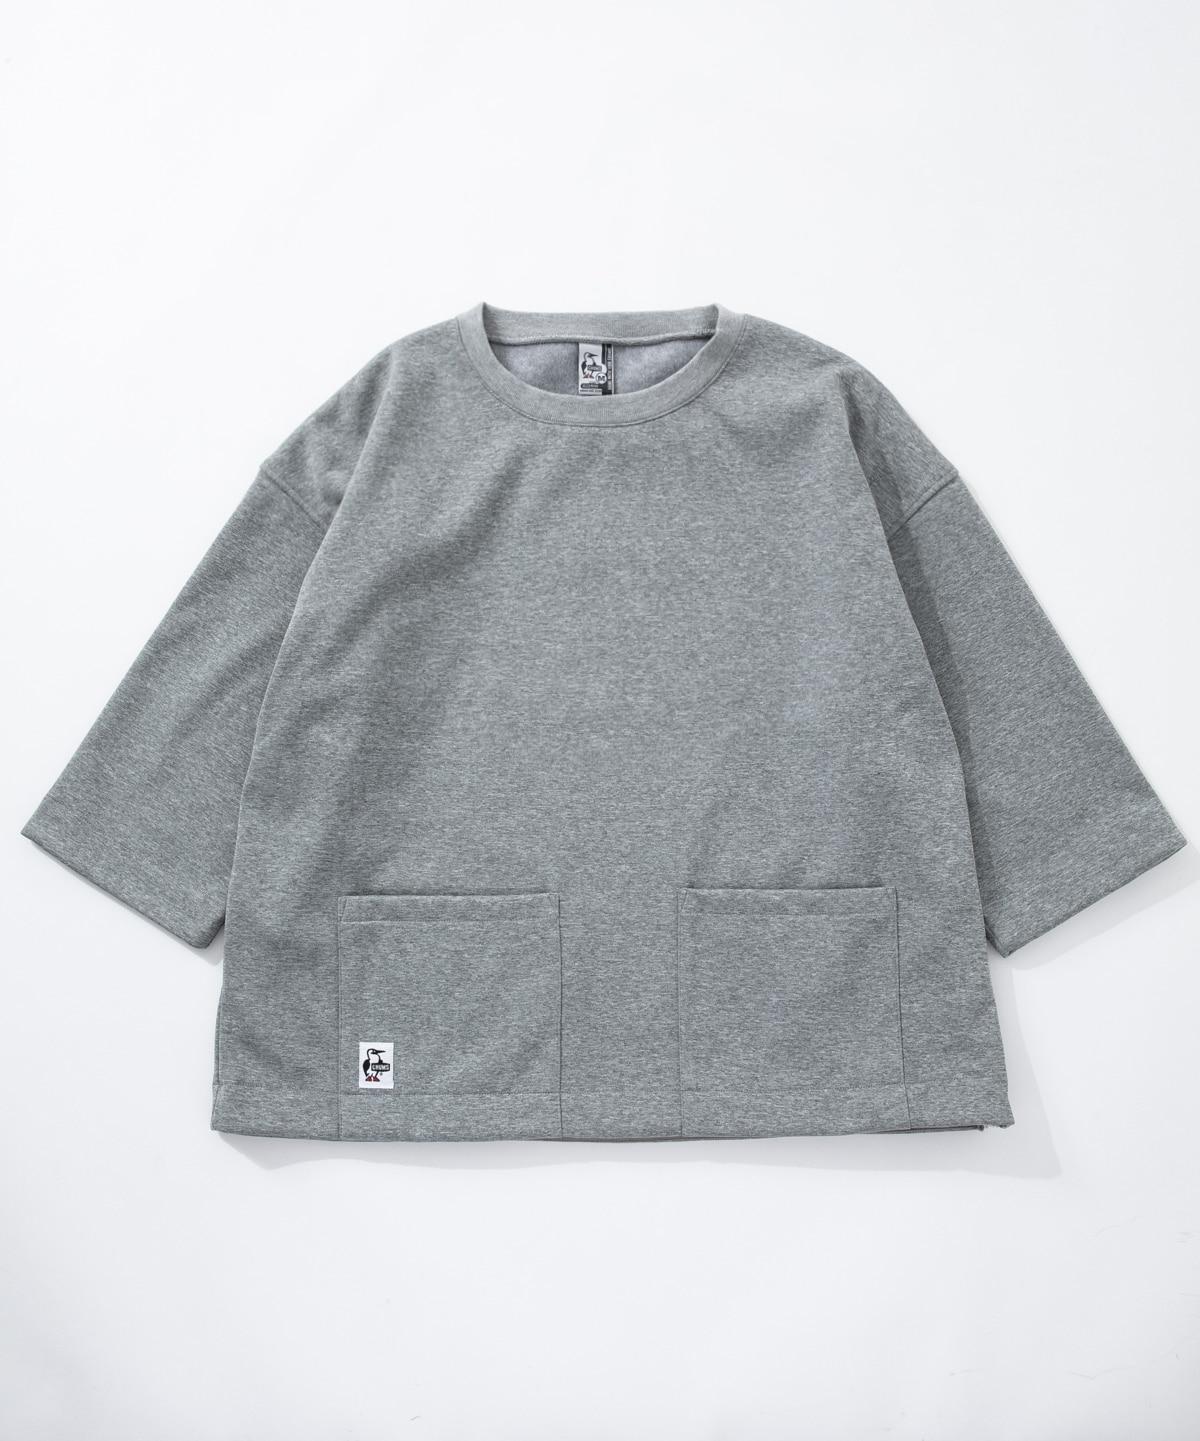 ティーシェルスモックシャツ(トップス/シャツ)